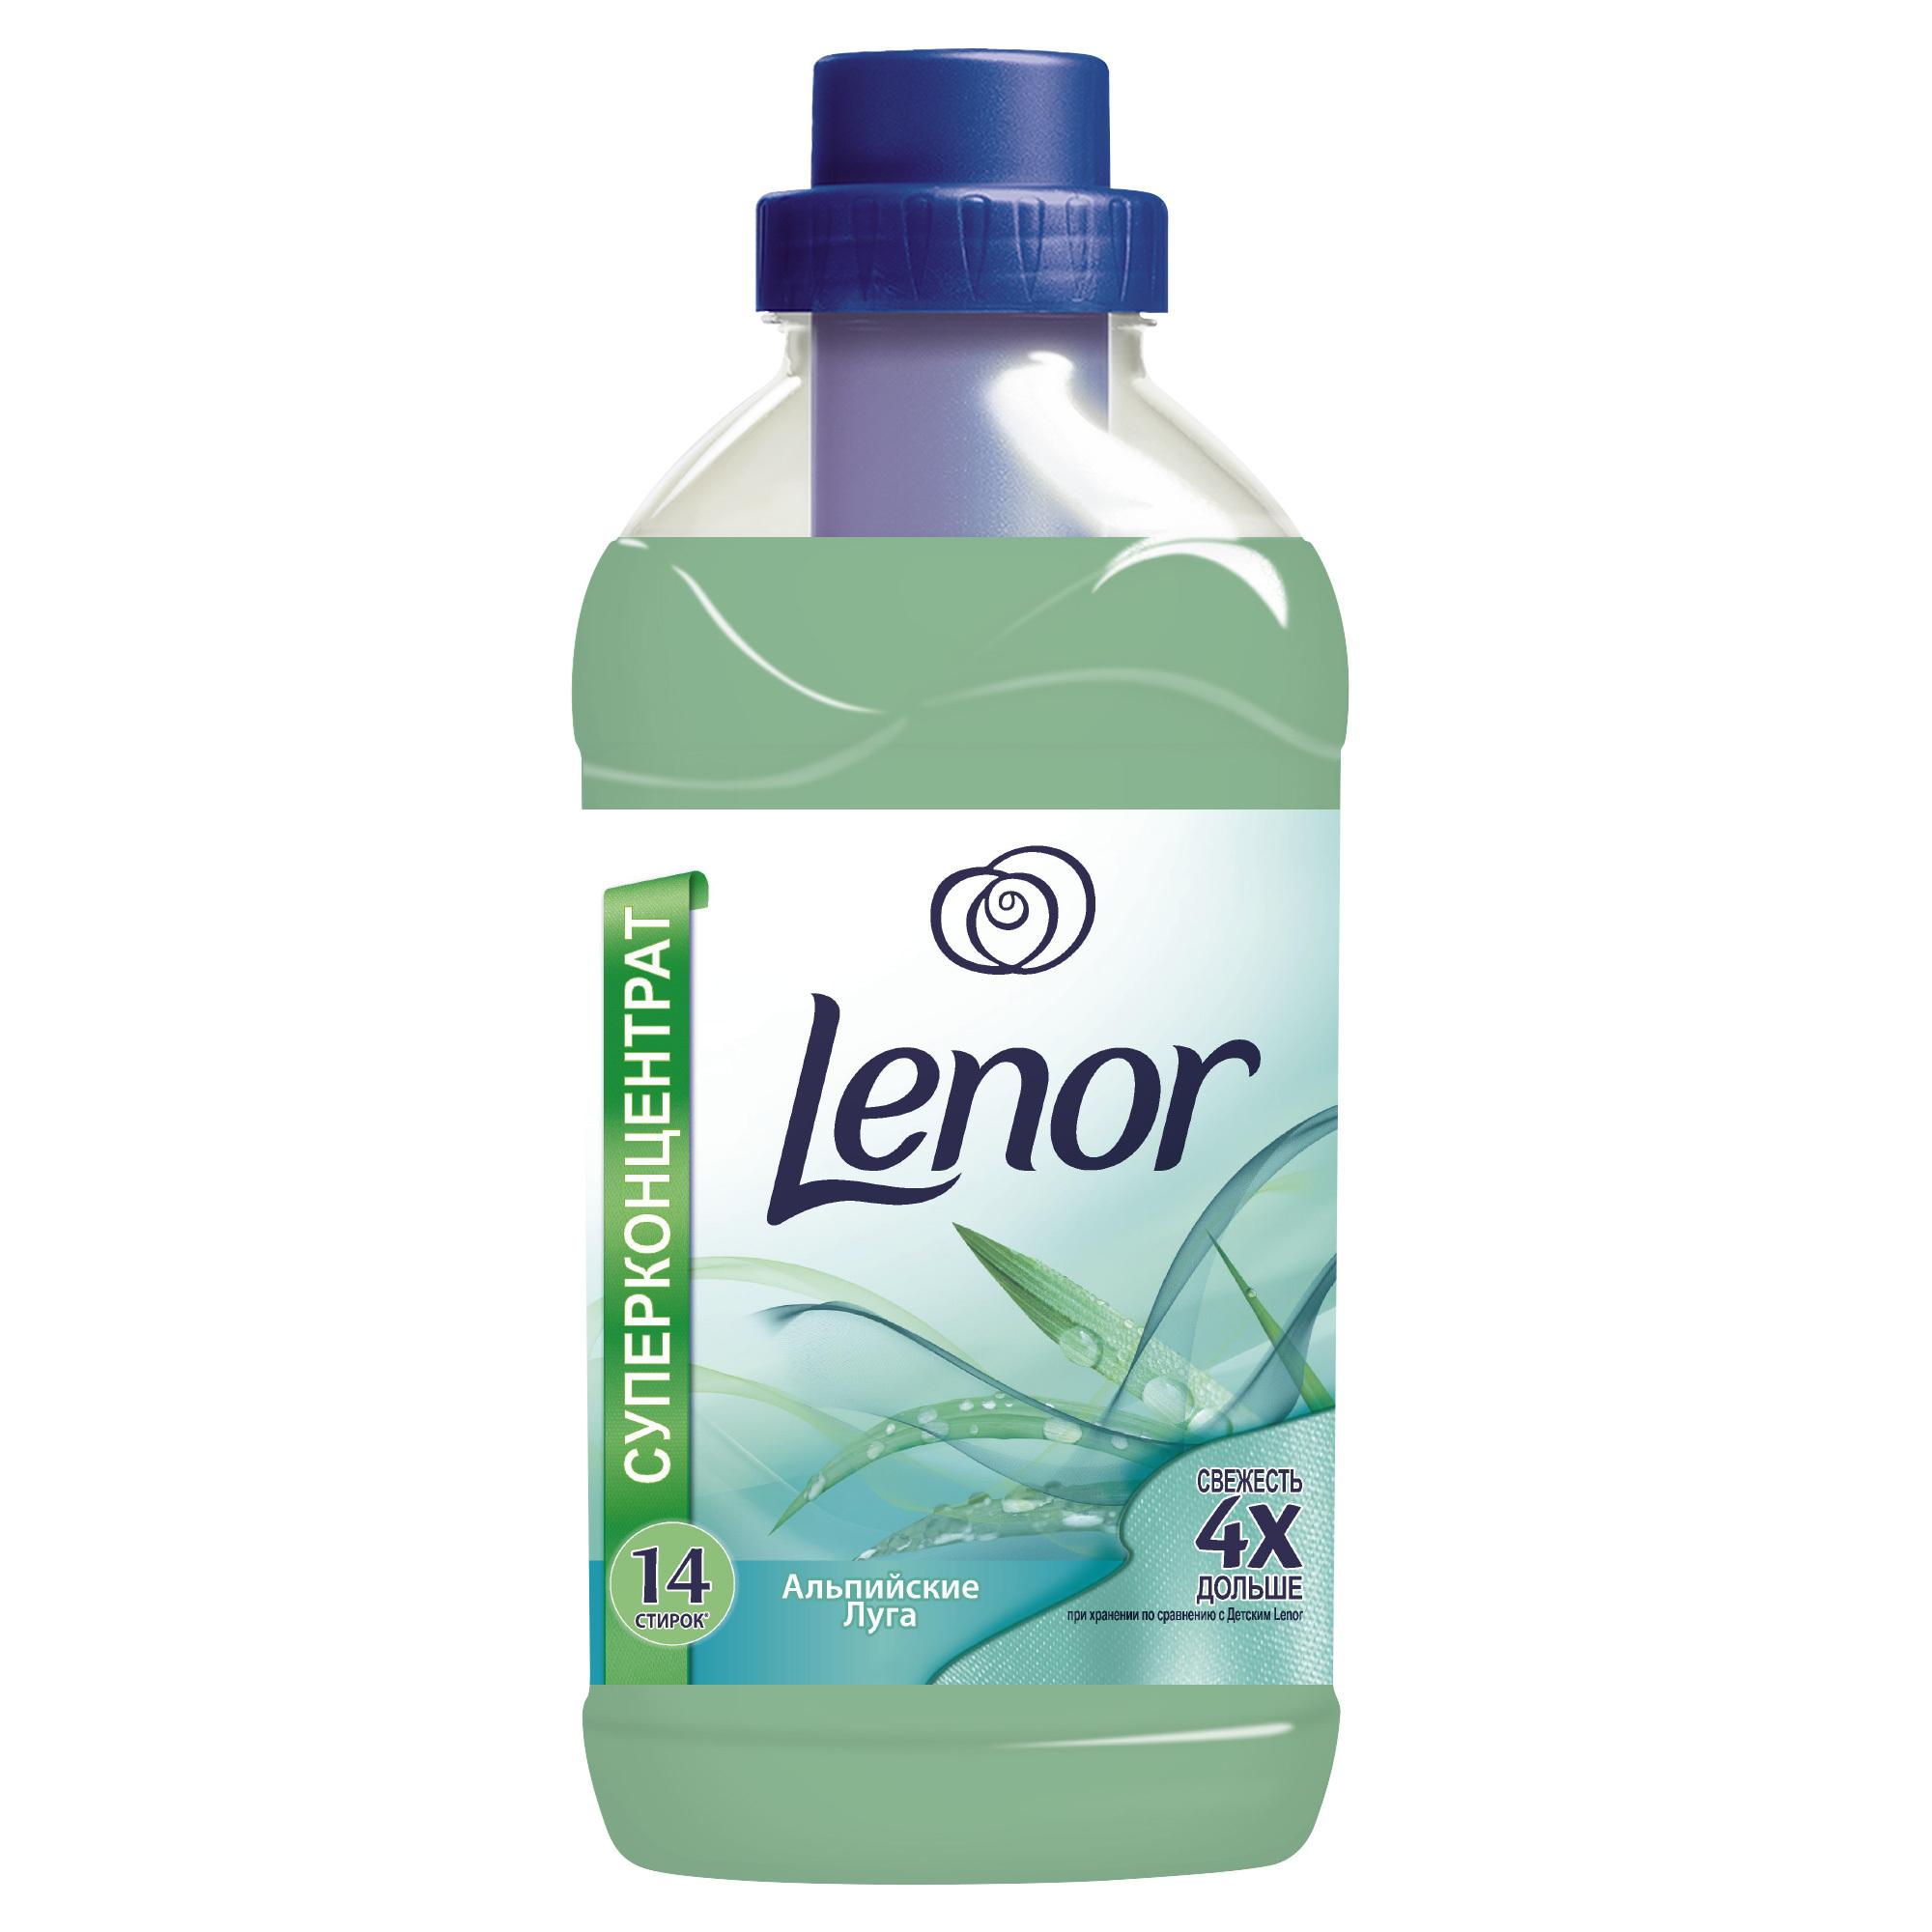 Кондиционер для белья Lenor 0,5 л Альпийские Луга 500мл (14Стирок)<br>